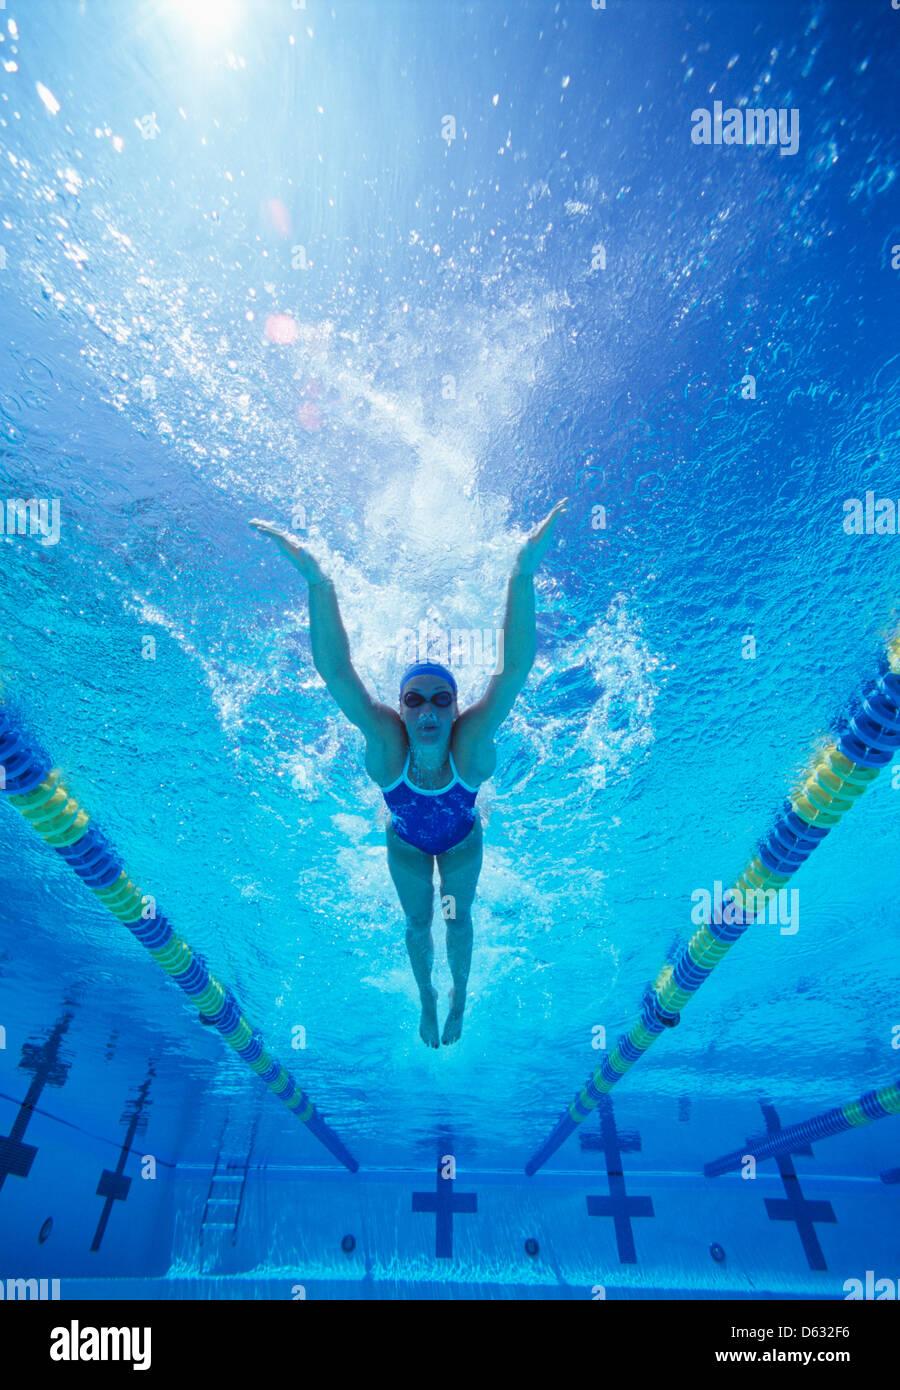 Per tutta la lunghezza del nuotatore femminile negli Stati Uniti il costume da bagno a nuotare in piscina Immagini Stock